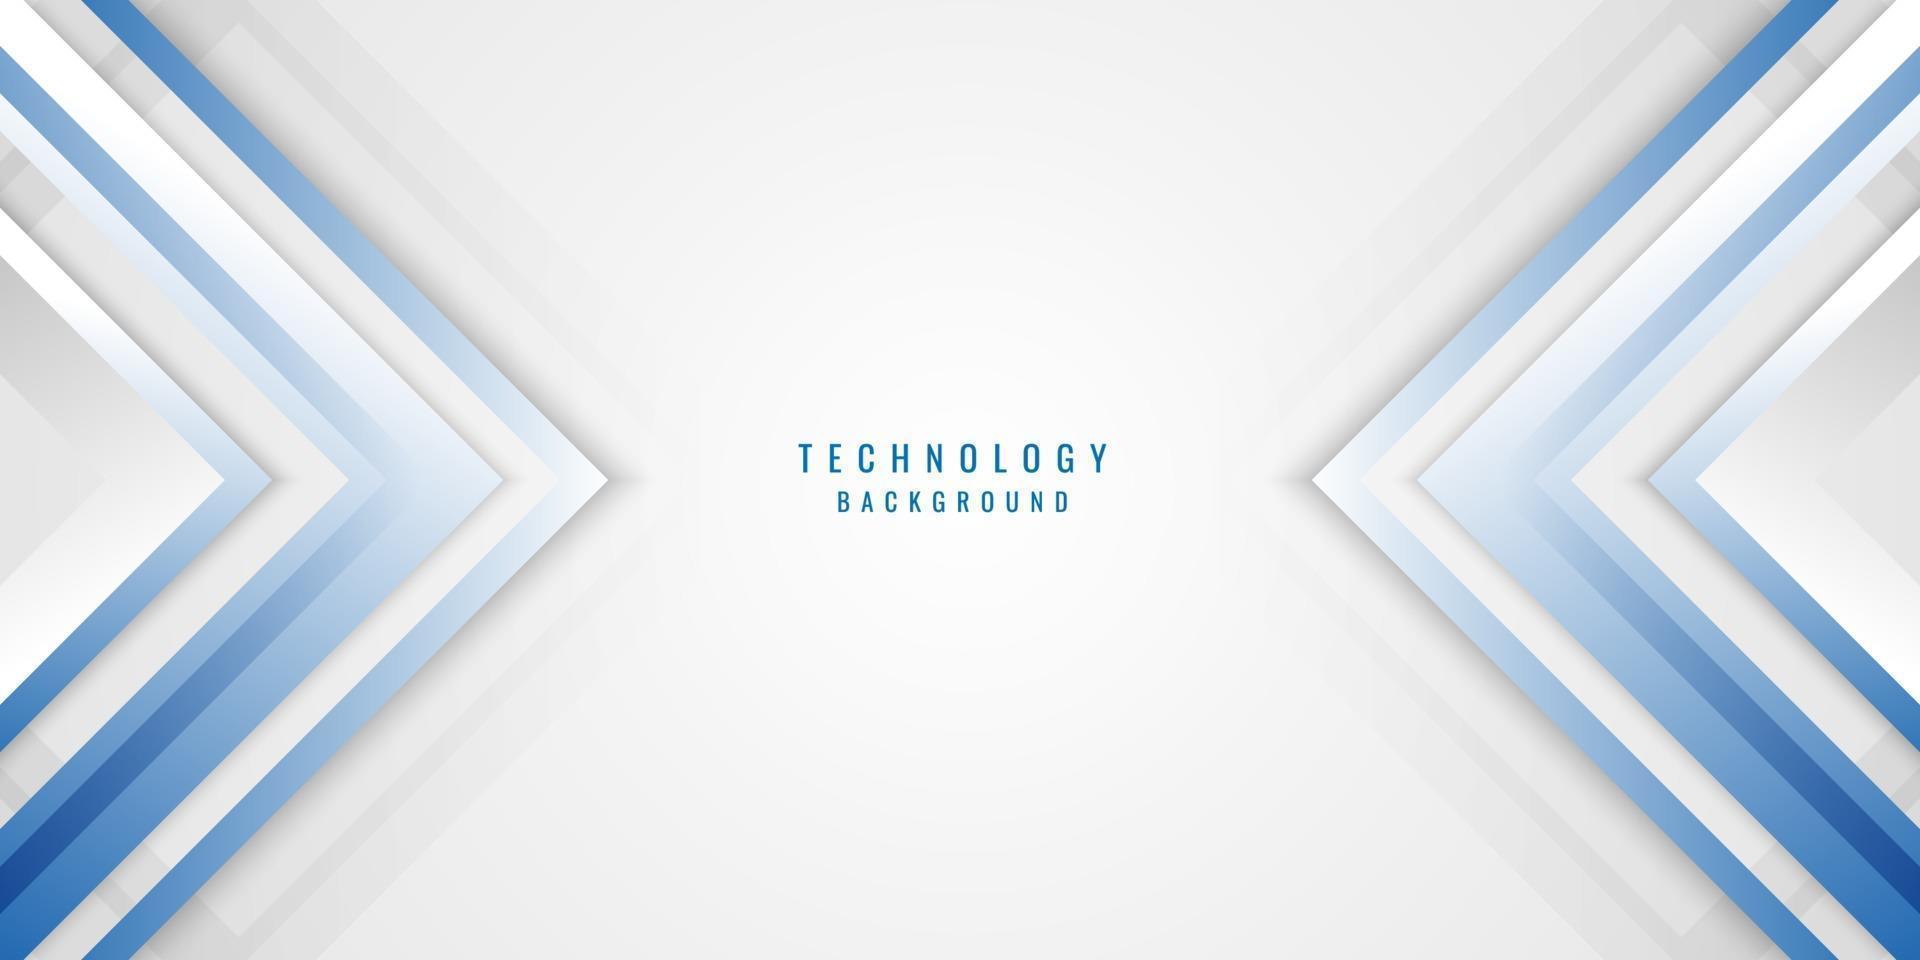 abstracte geometrische blauwe, witte en grijze pijl glans laag elementen ontwerp achtergrond. vector